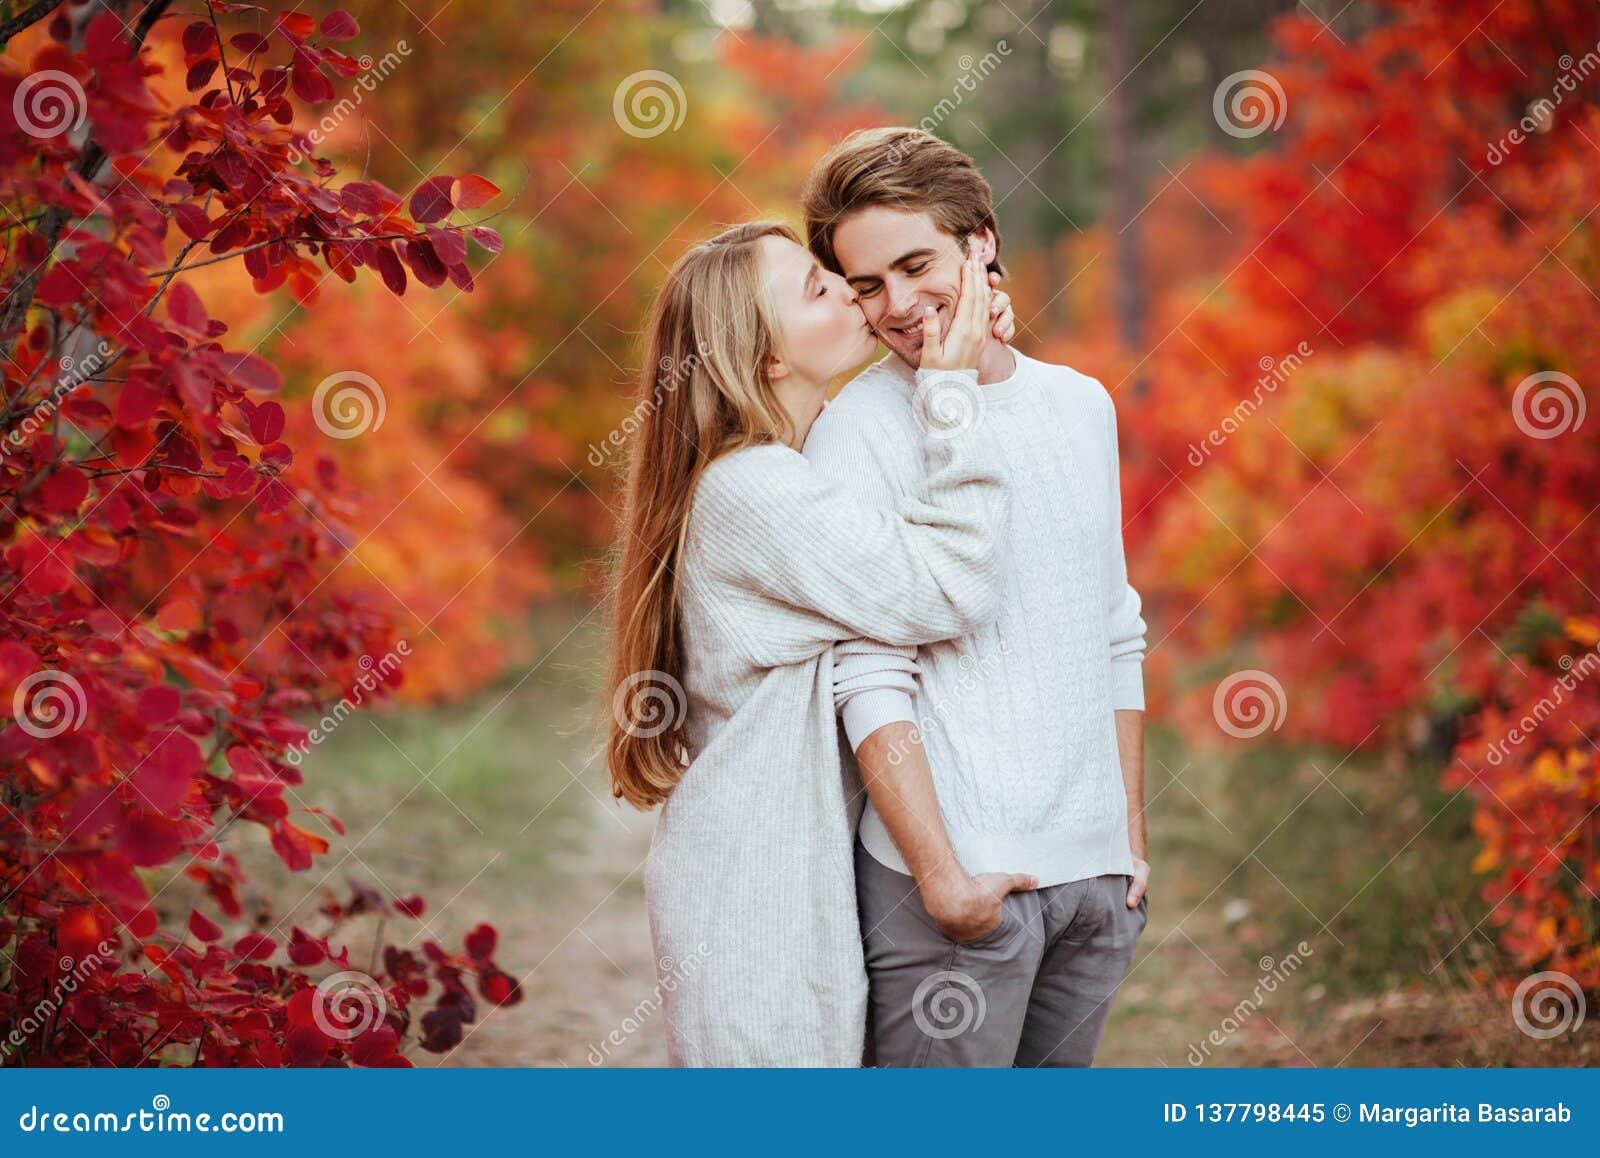 De herfstliefde, paar het kussen in dalingspark